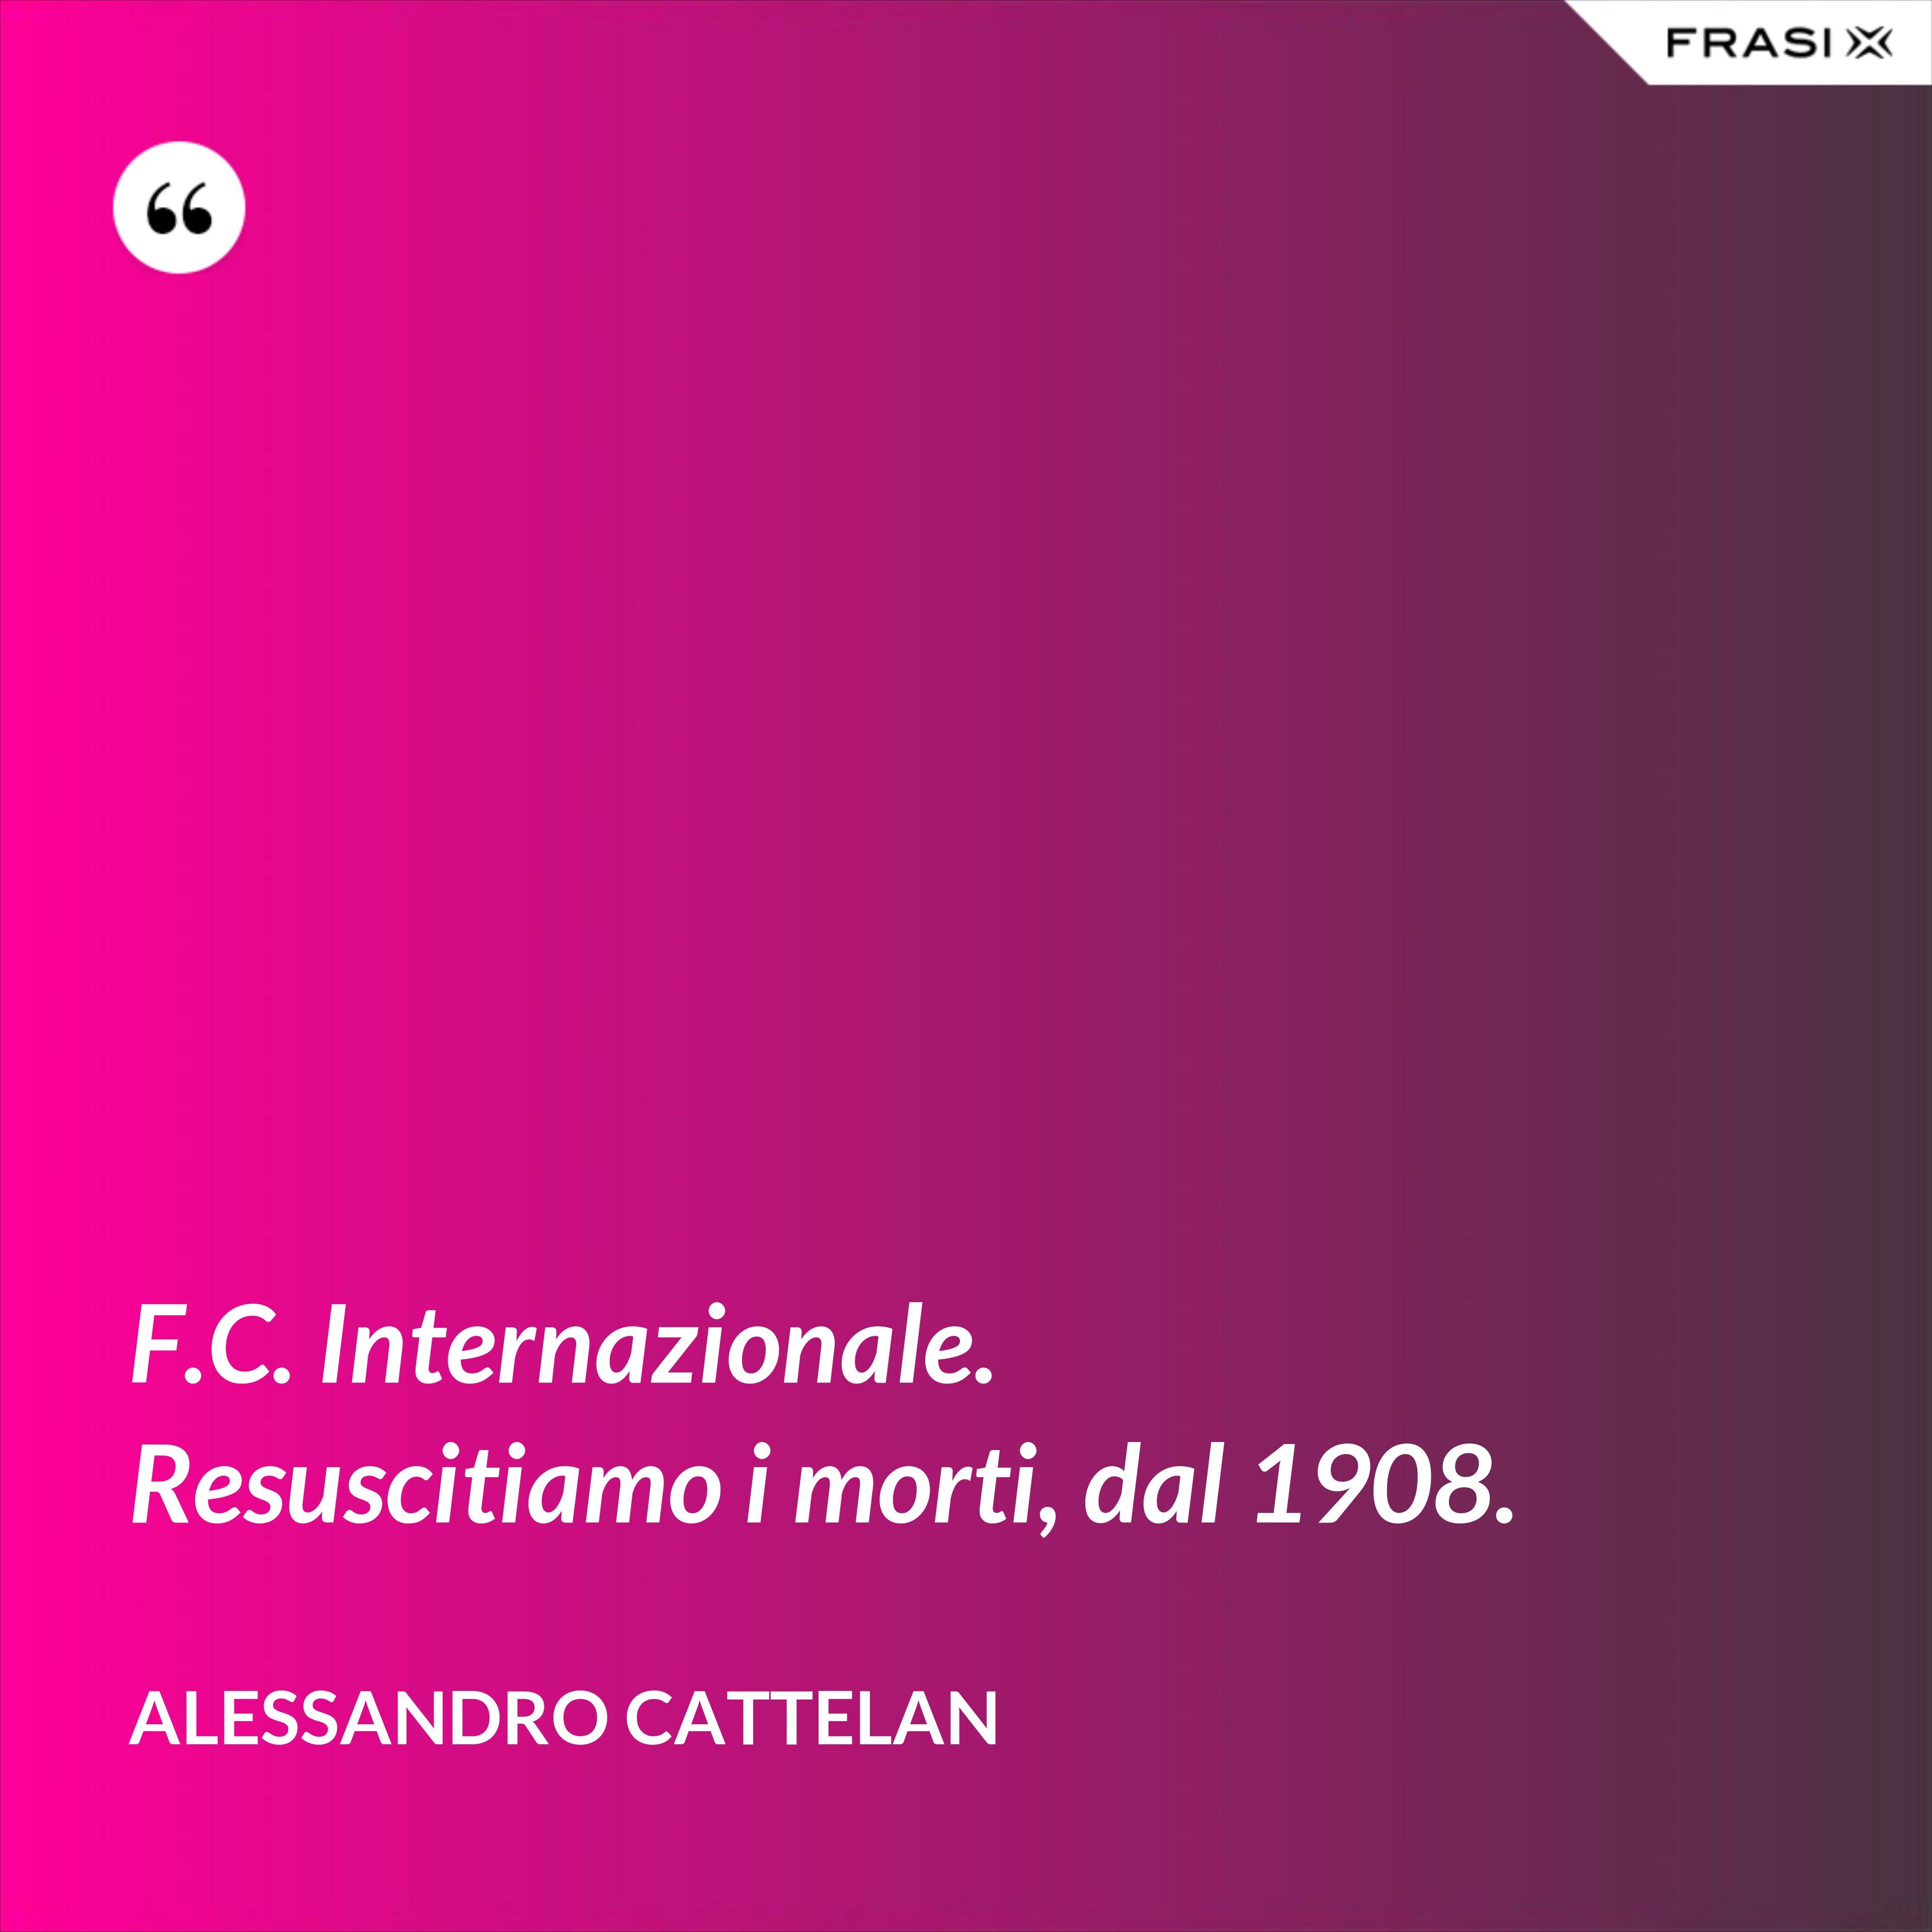 F.C. Internazionale. Resuscitiamo i morti, dal 1908. - Alessandro Cattelan